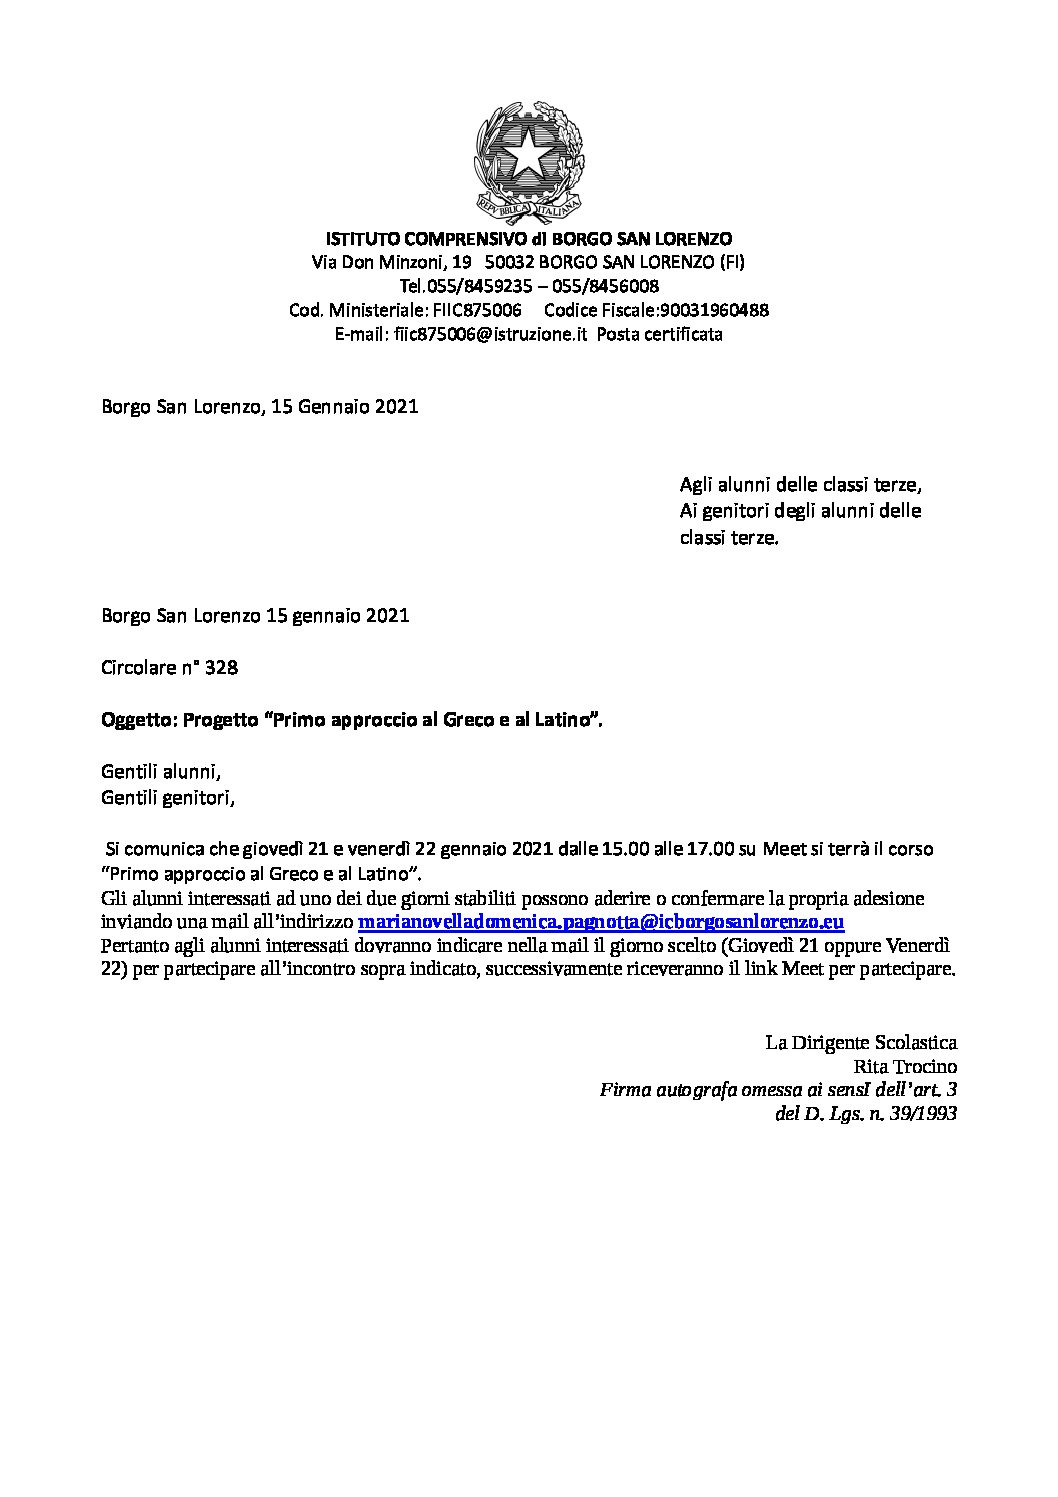 Circolare nr. 328 – Progetto Primo approccio al greco e al latino per gli alunni delle classi III della scuola secondaria di primo grado